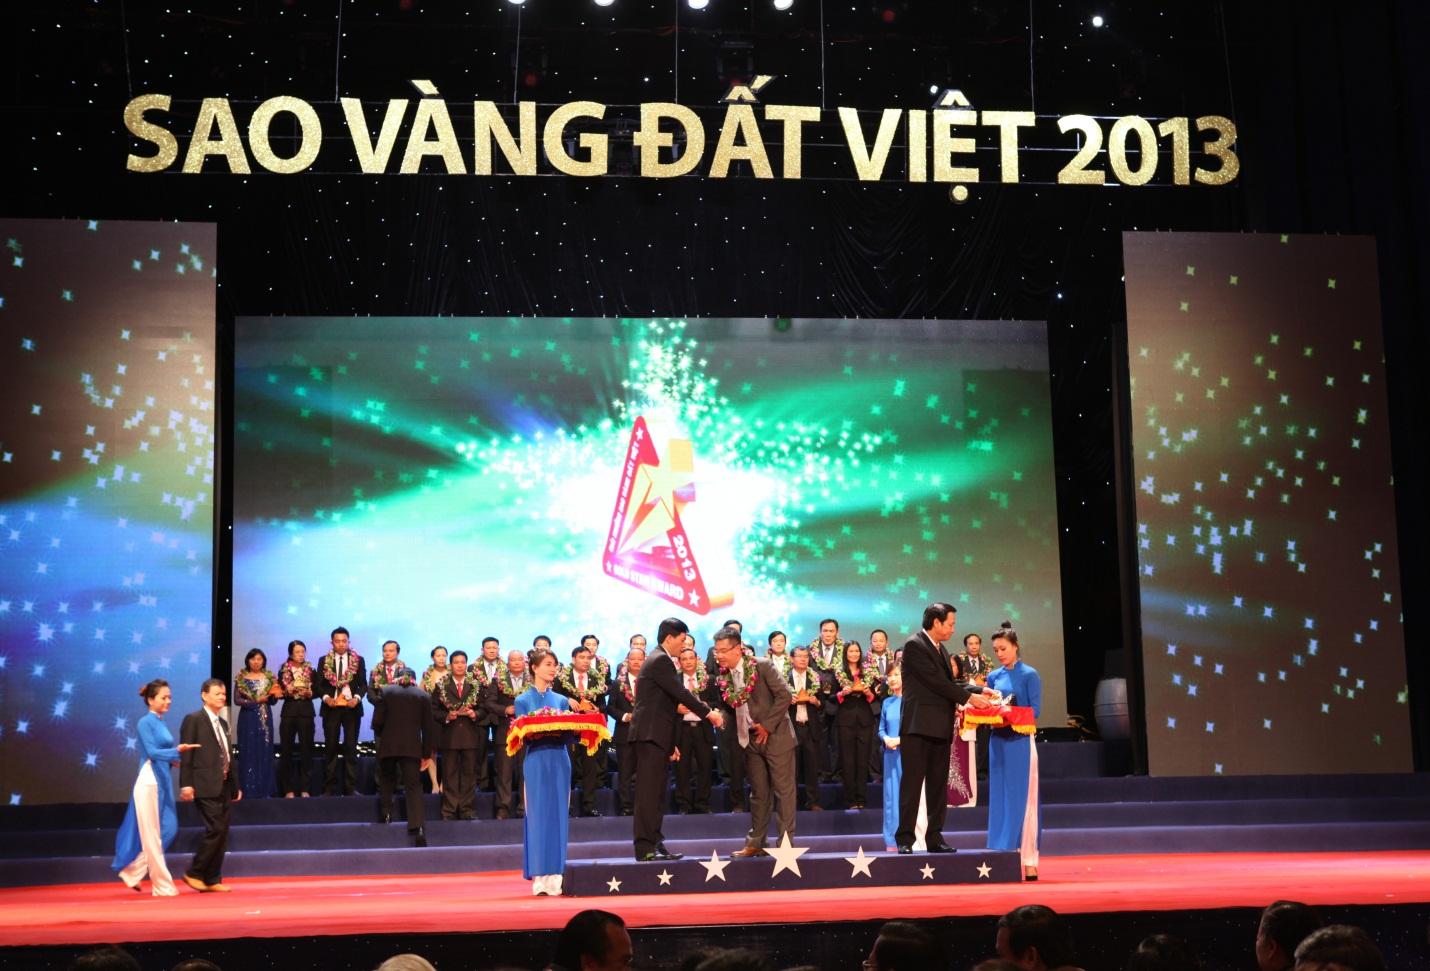 Ông Nguyễn Bá Hùng, Chủ tịch HĐQT kiêm Tổng GĐ Tập đoàn Nhựa Đông Á nhận giải thưởng Sao Vàng Đất Việt